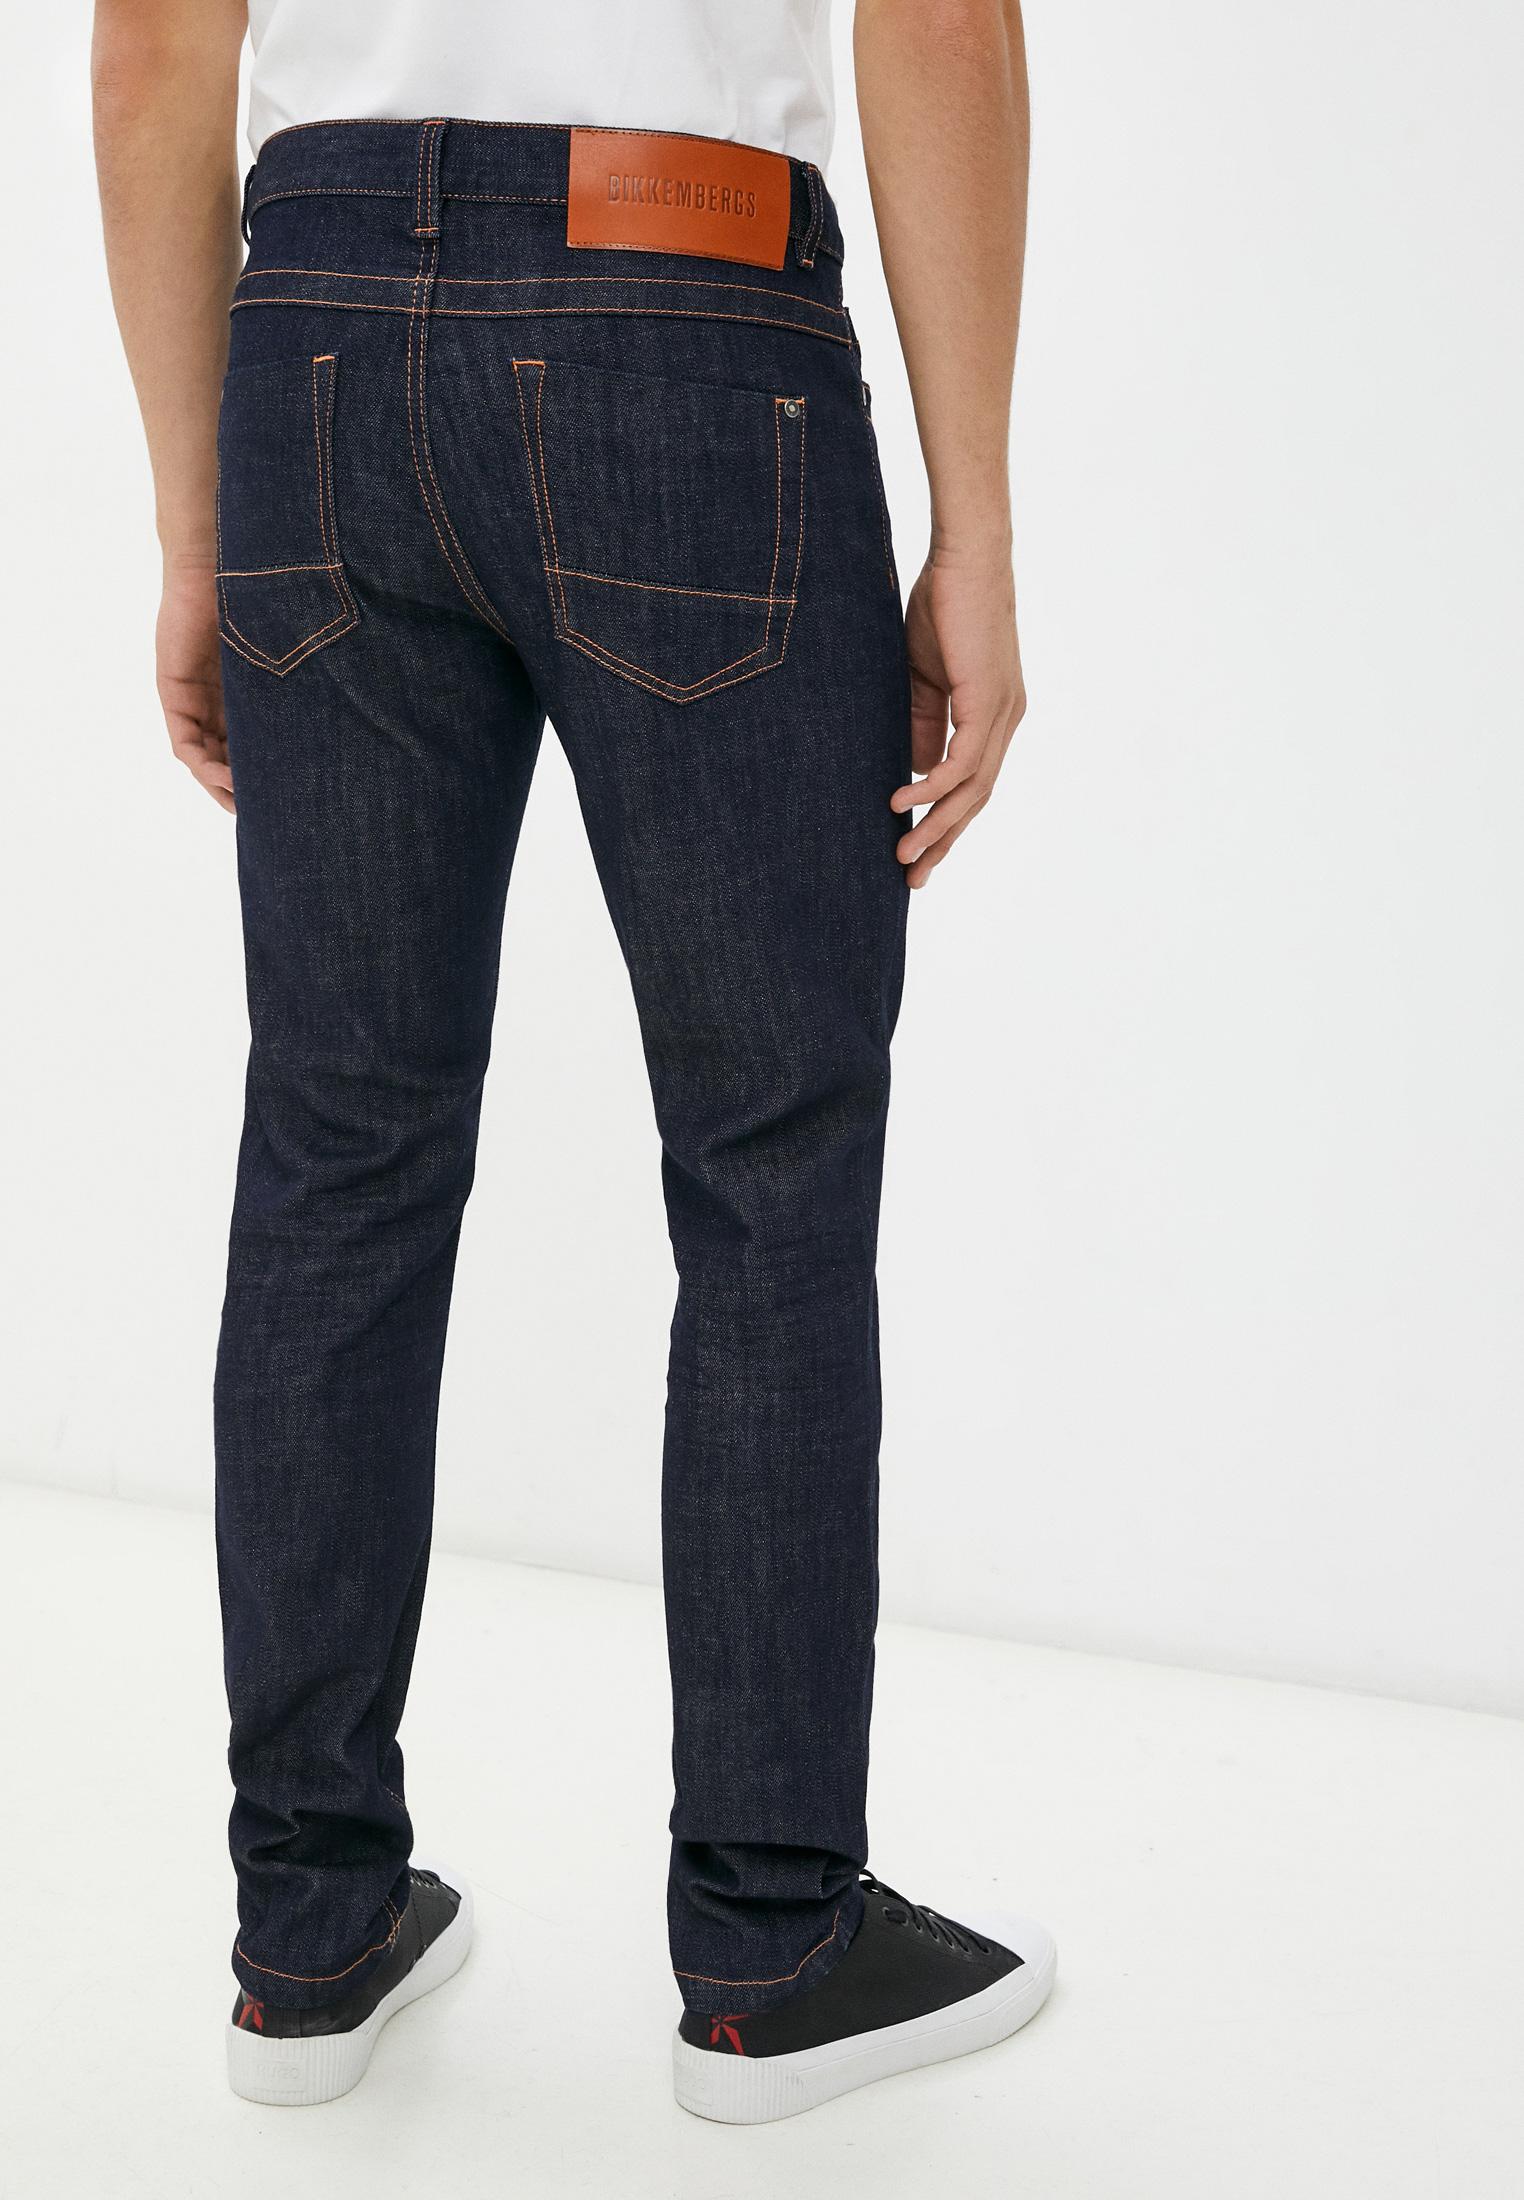 Зауженные джинсы Bikkembergs C Q 101 03 S 3393: изображение 14